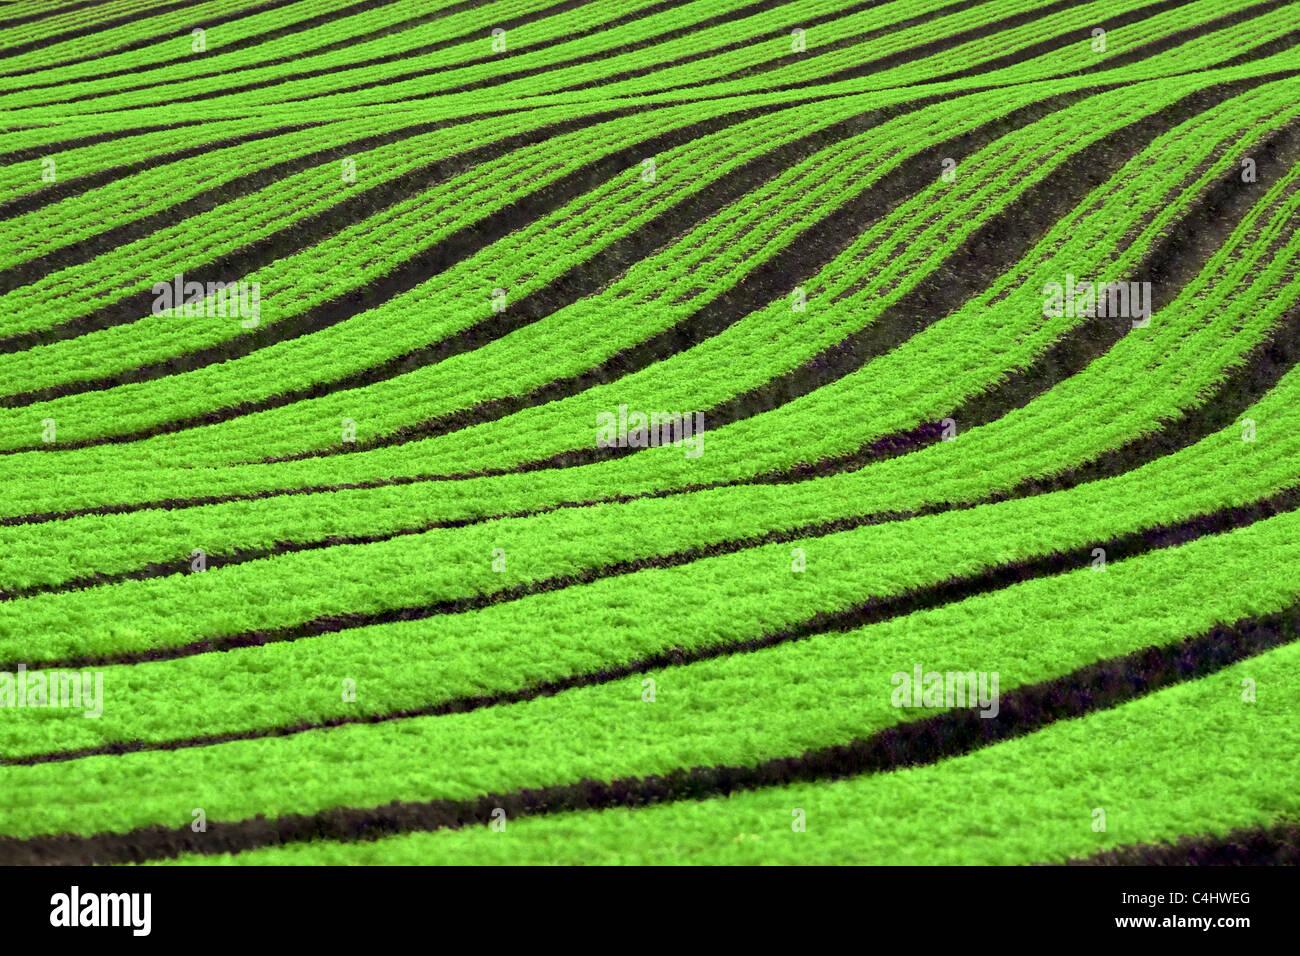 Des rangées de cultures de carottes Banque D'Images